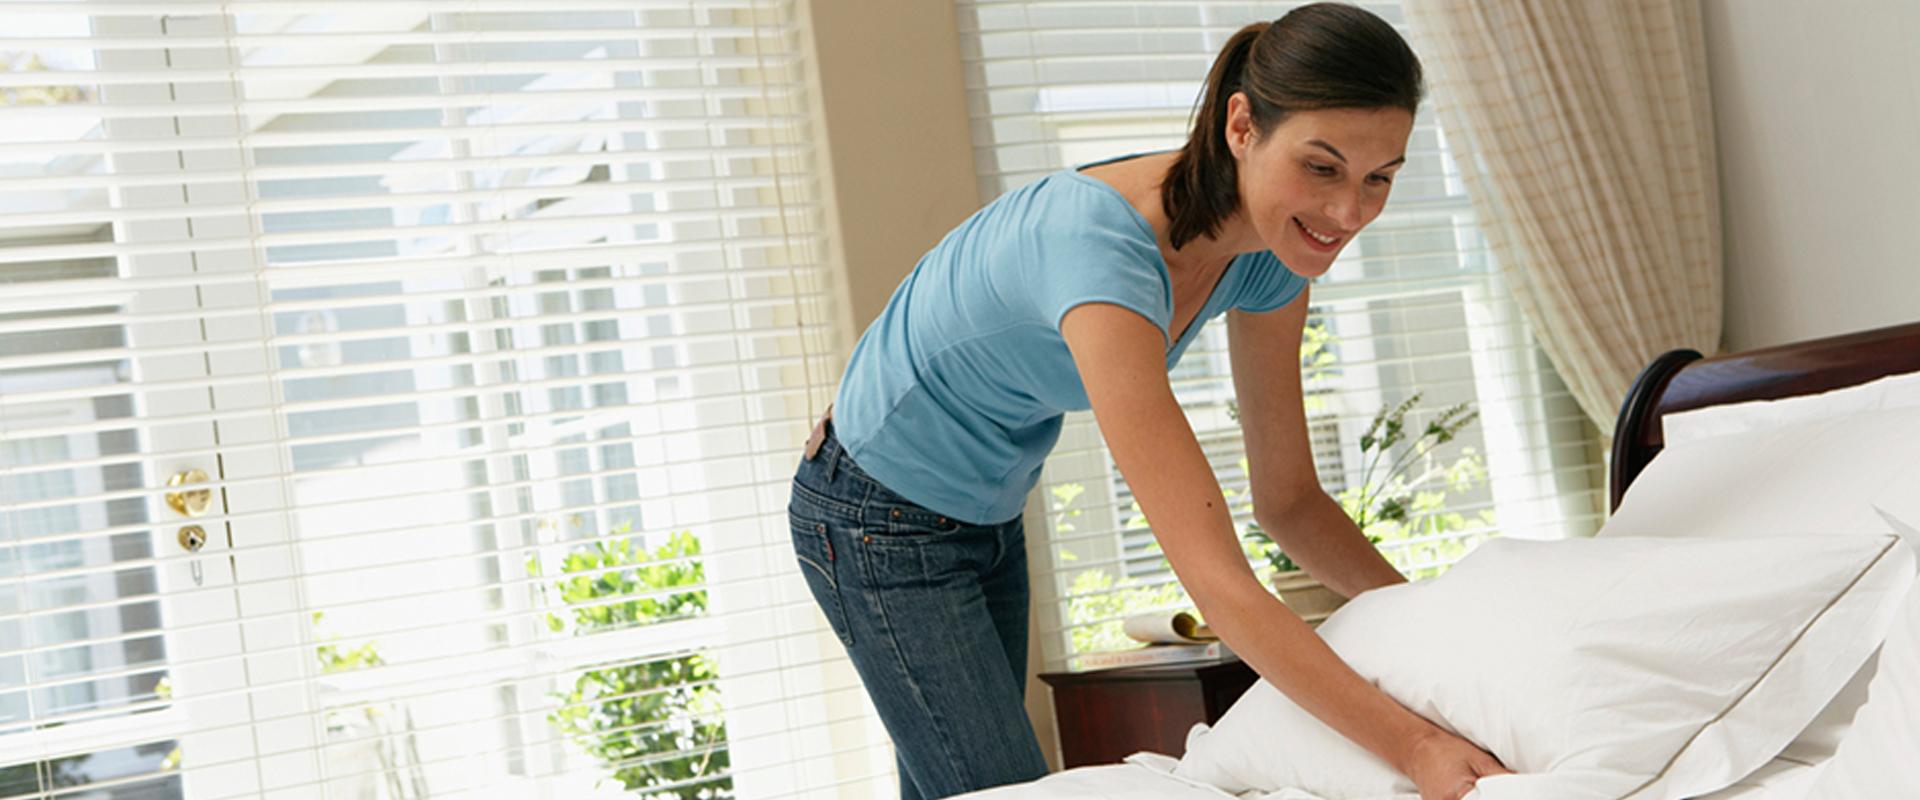 Cómo ordenar velozmente tu habitación